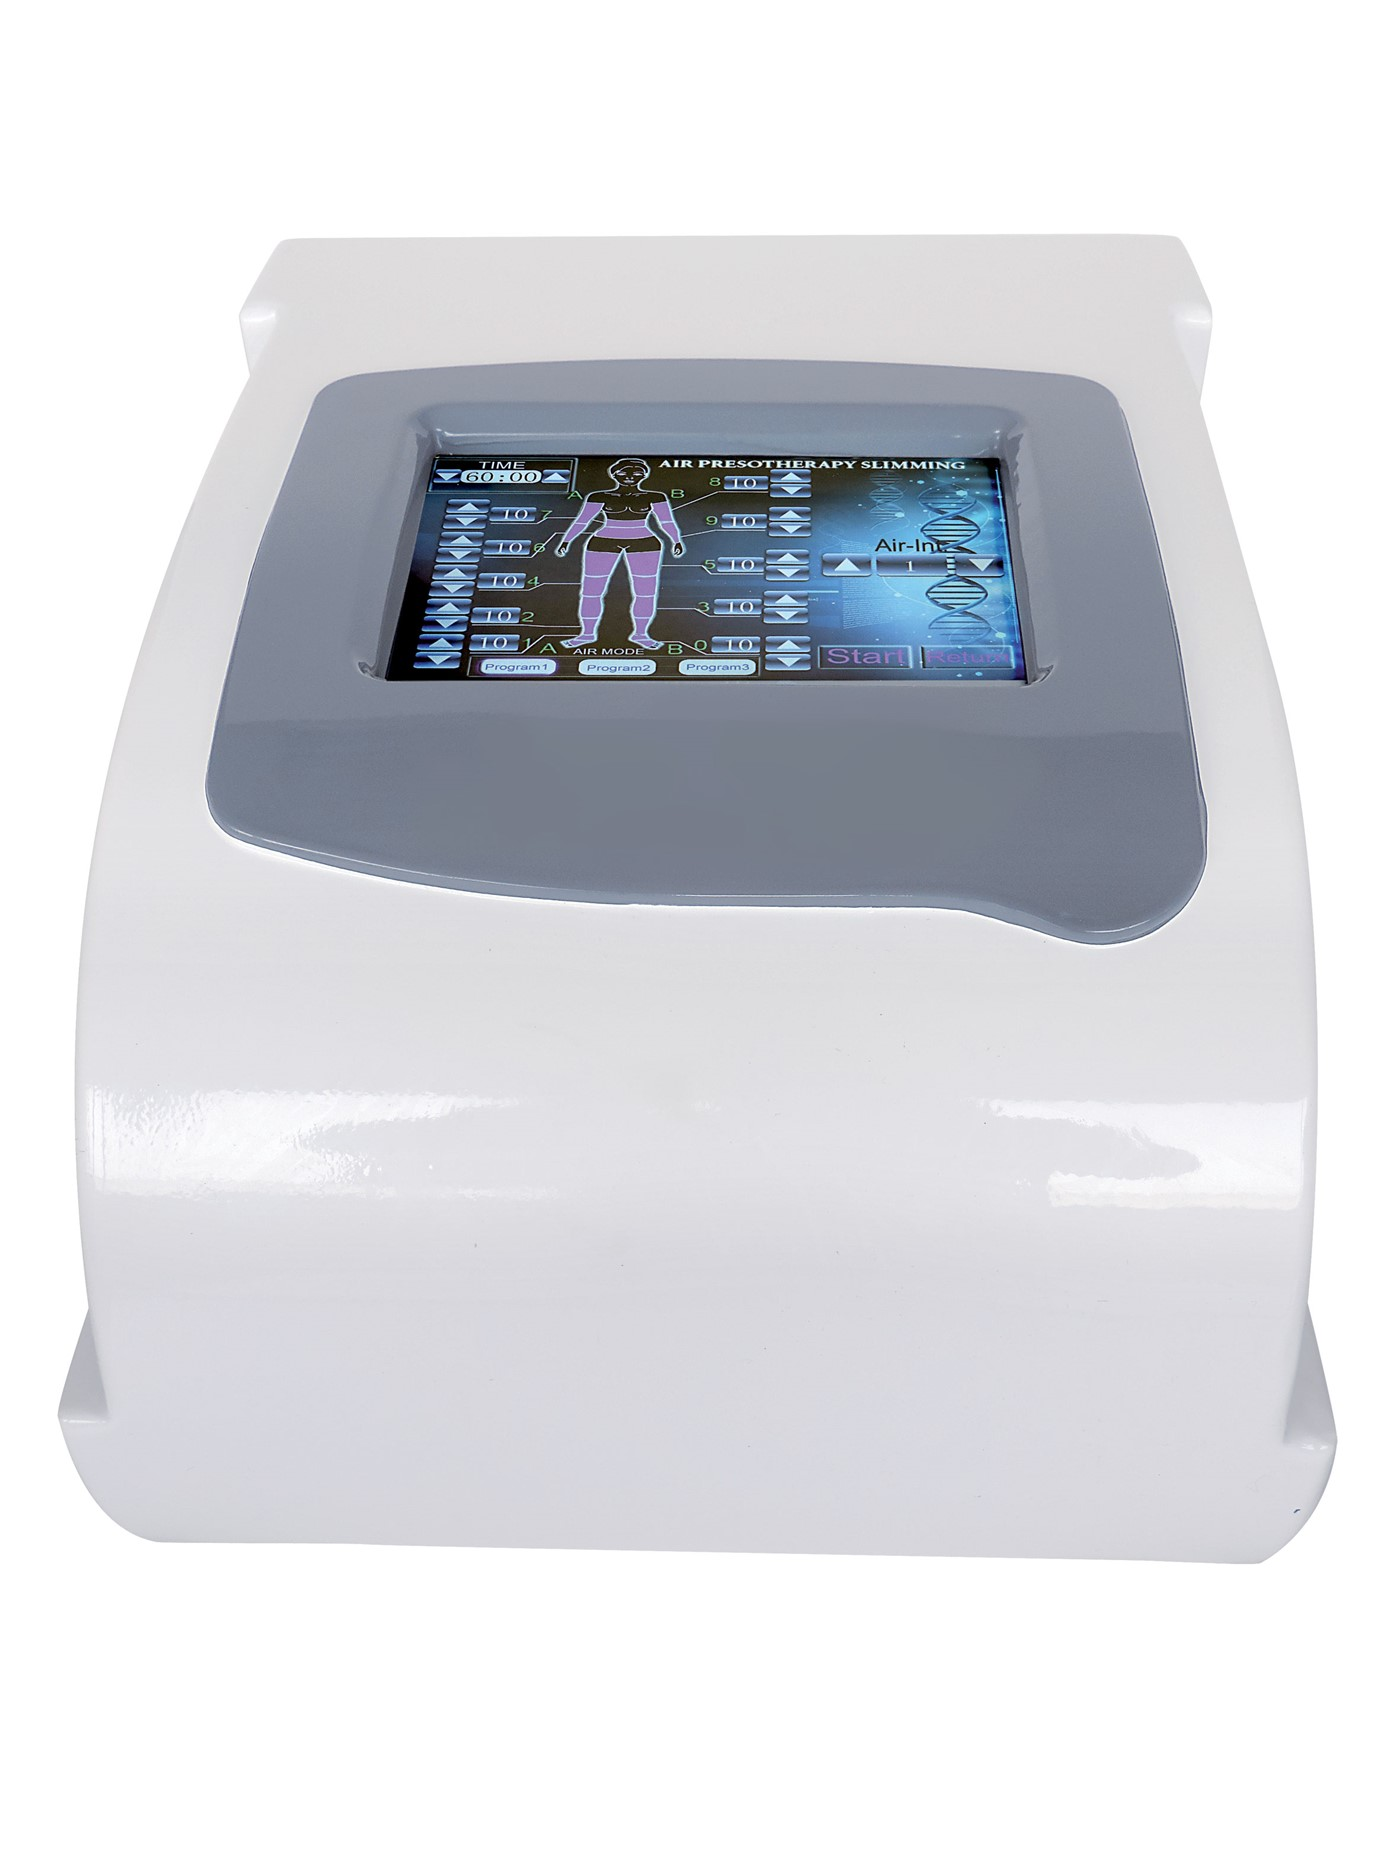 Pressomax da banco (touch screen)